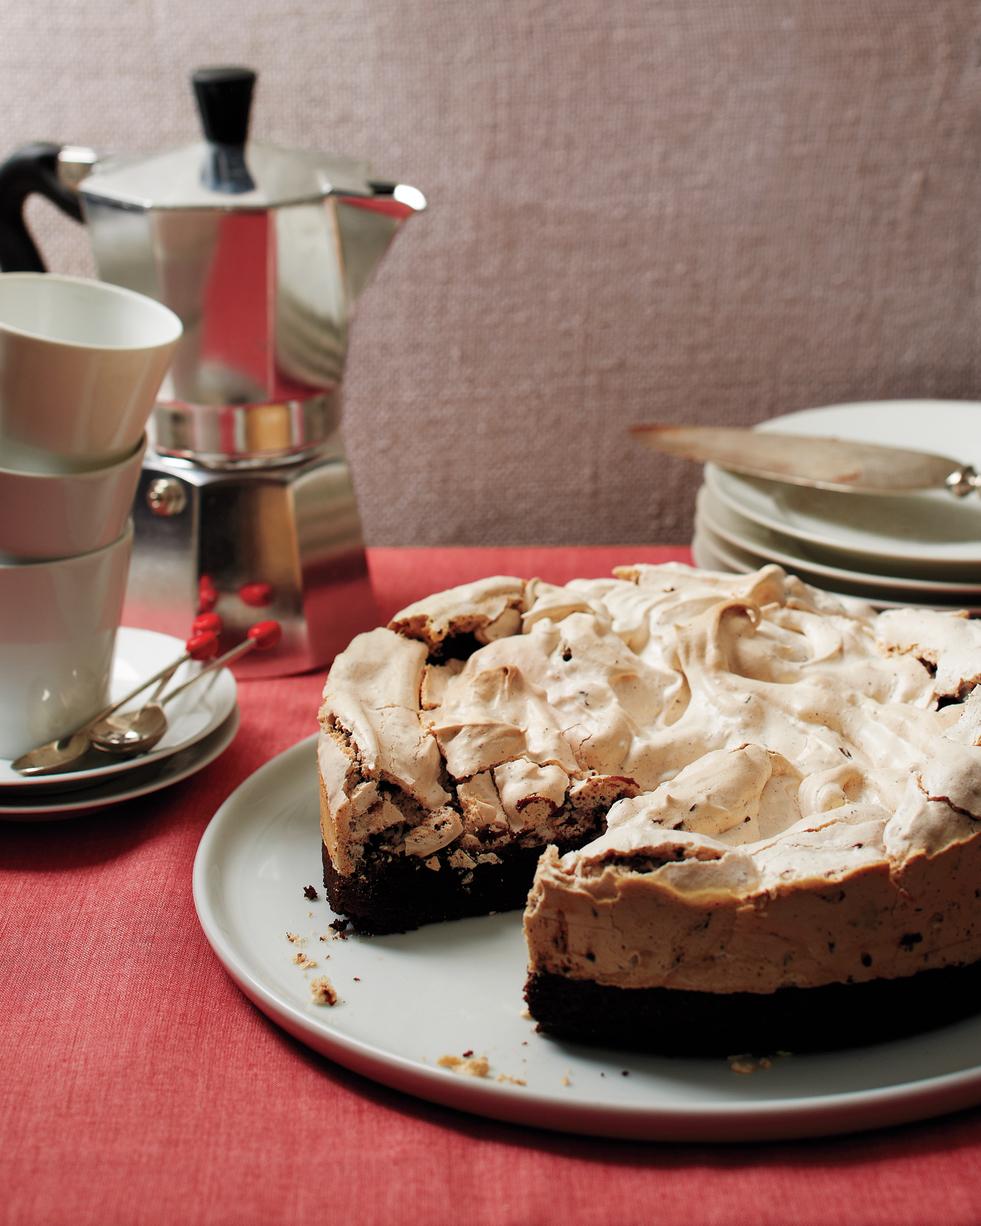 hol-peppermint-meringue-brownie-cake-007b-med109135.jpg